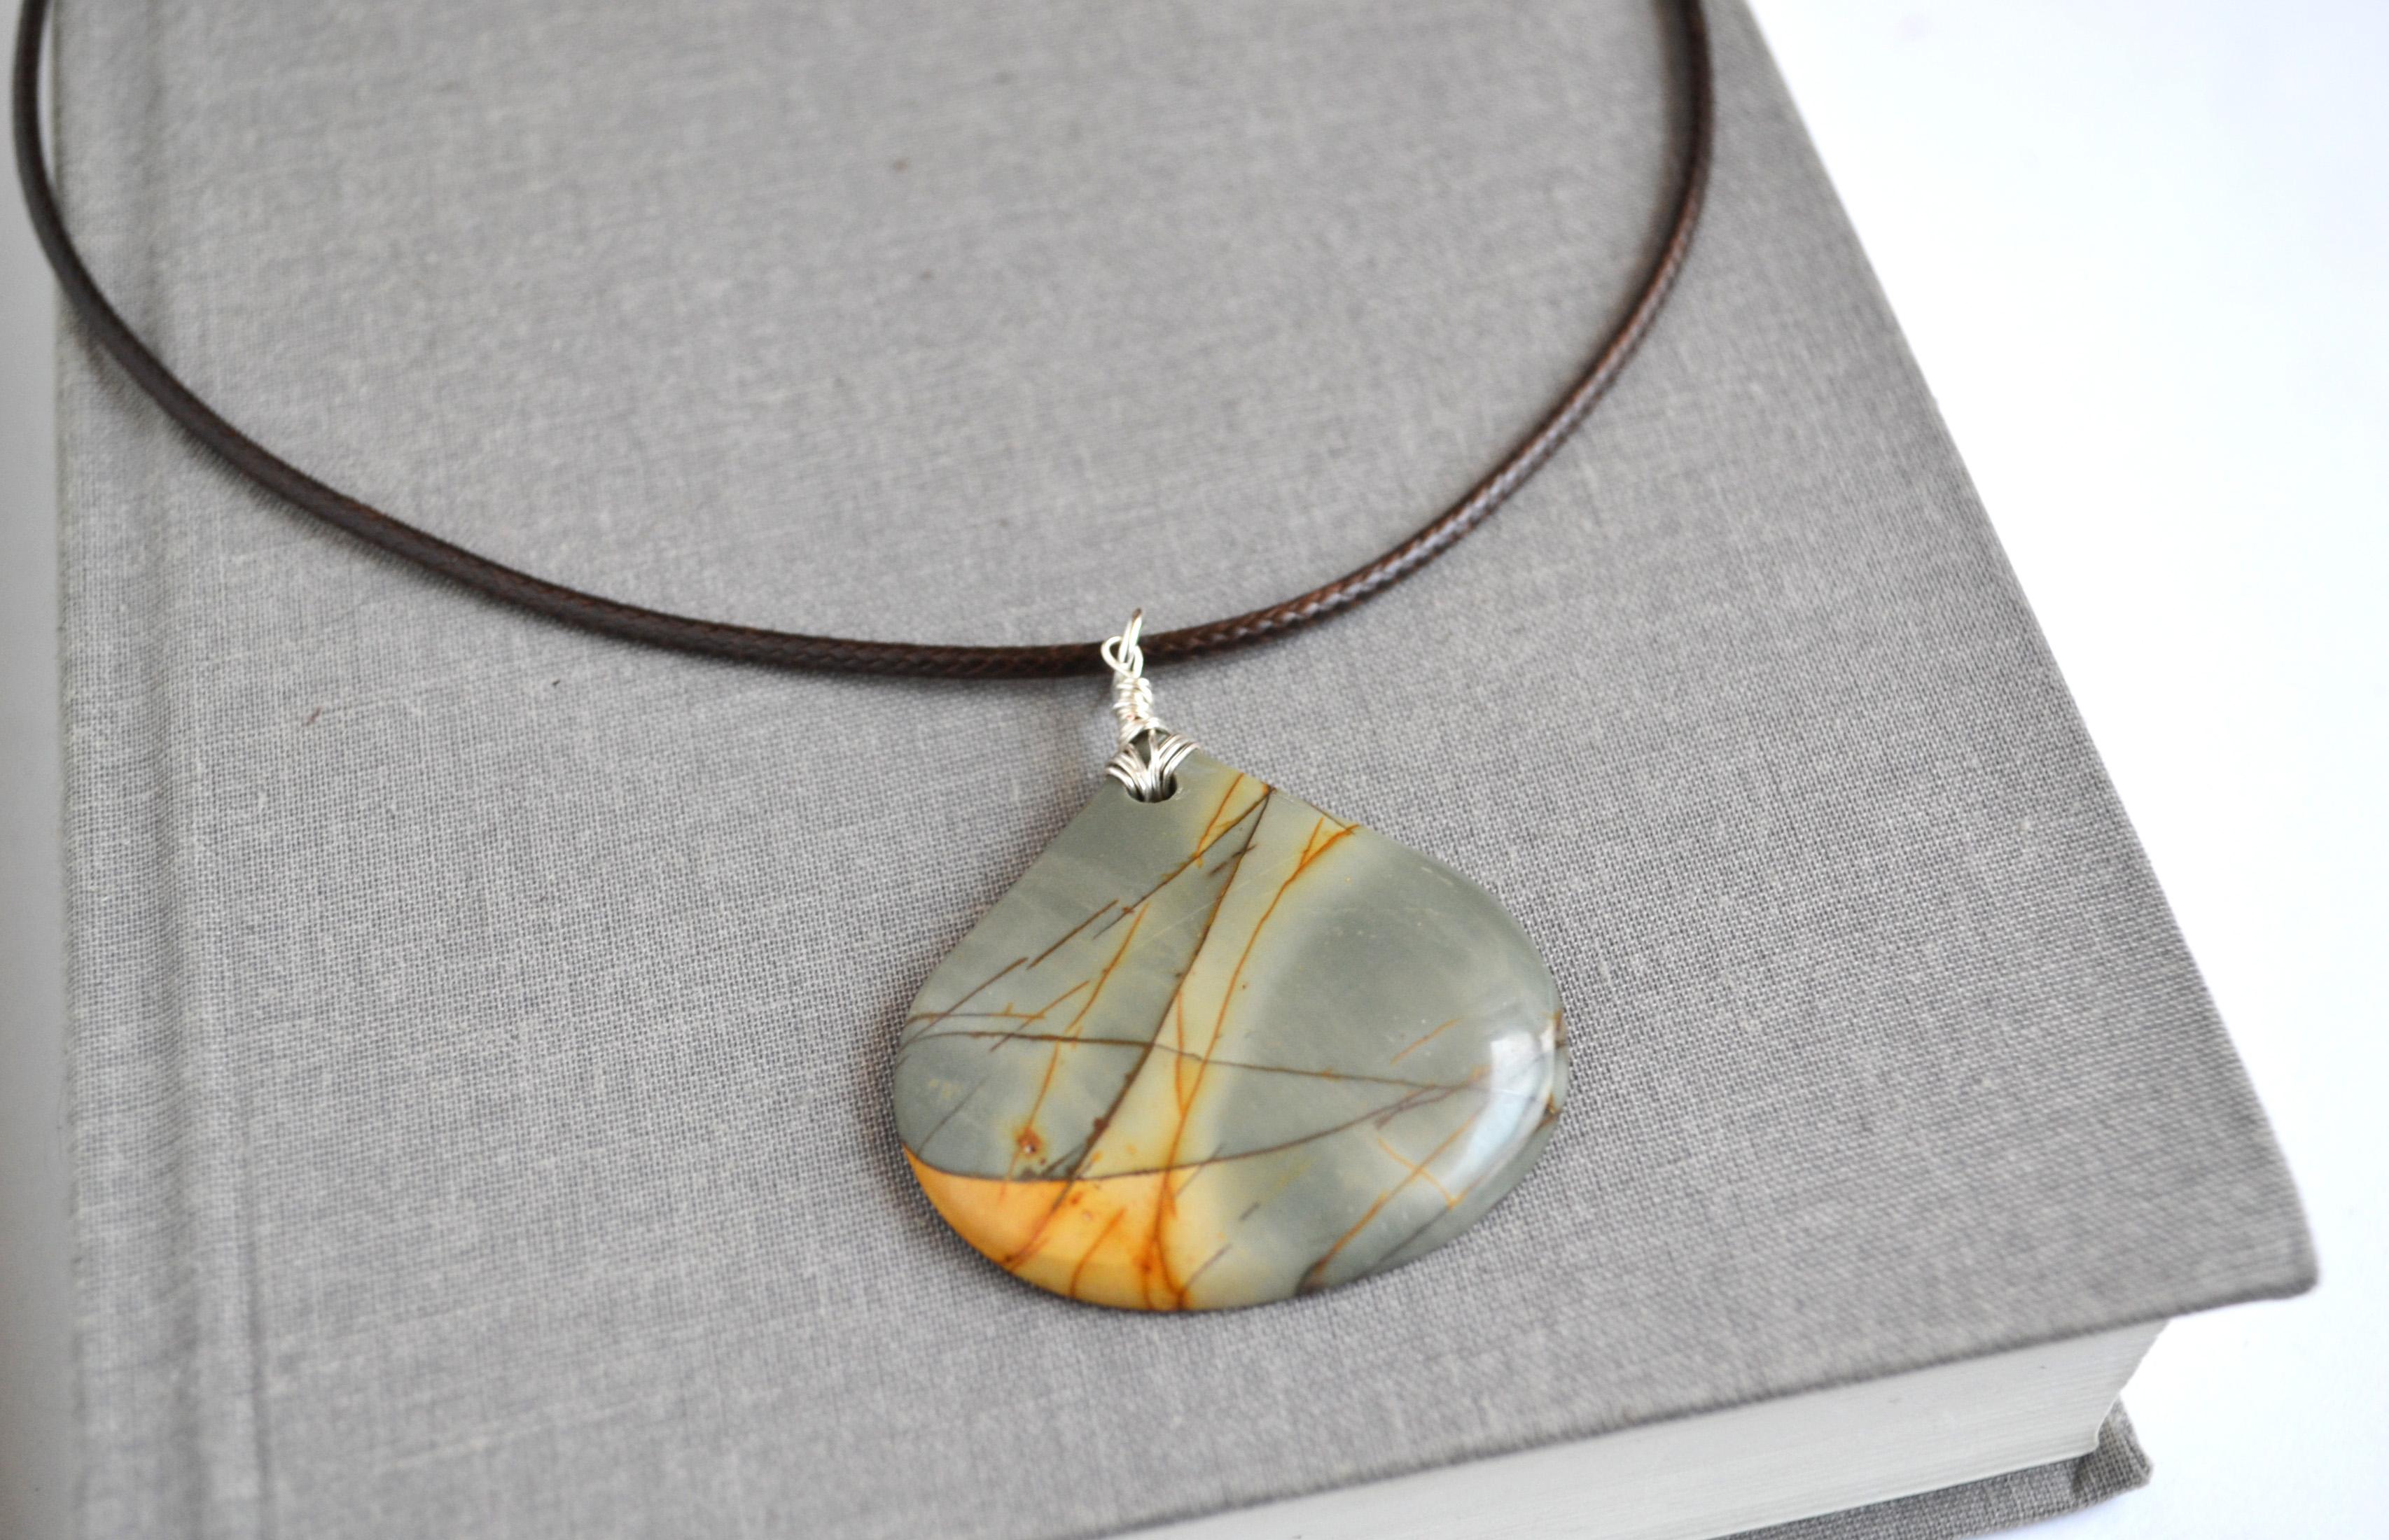 Sale stone pendant picasso jasper jasper pendant summer necklace sale stone pendant picasso jasper jasper pendant summer necklace aloadofball Images